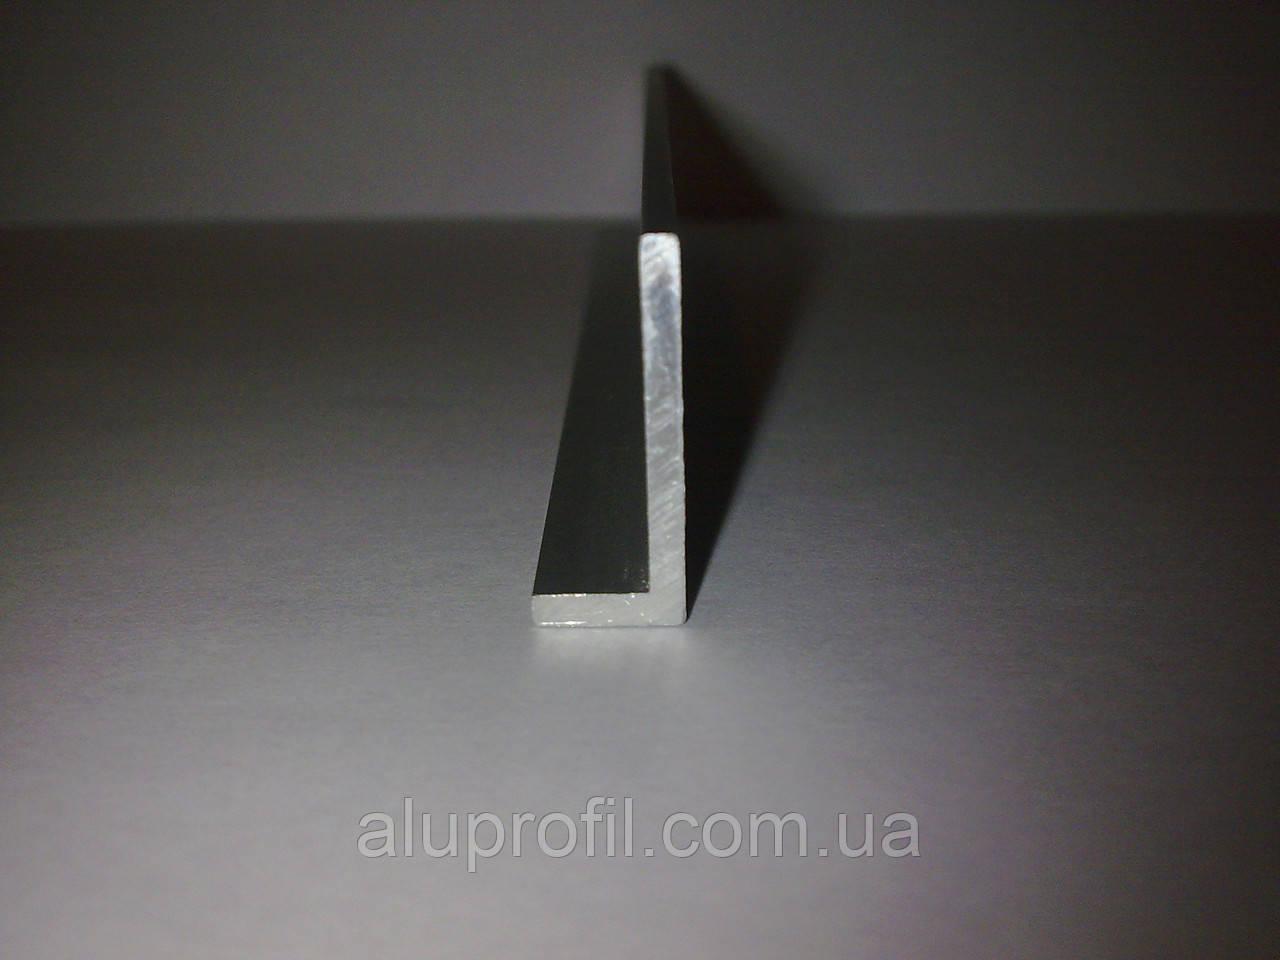 Алюминиевый профиль — уголок алюминиевый 20х10х2